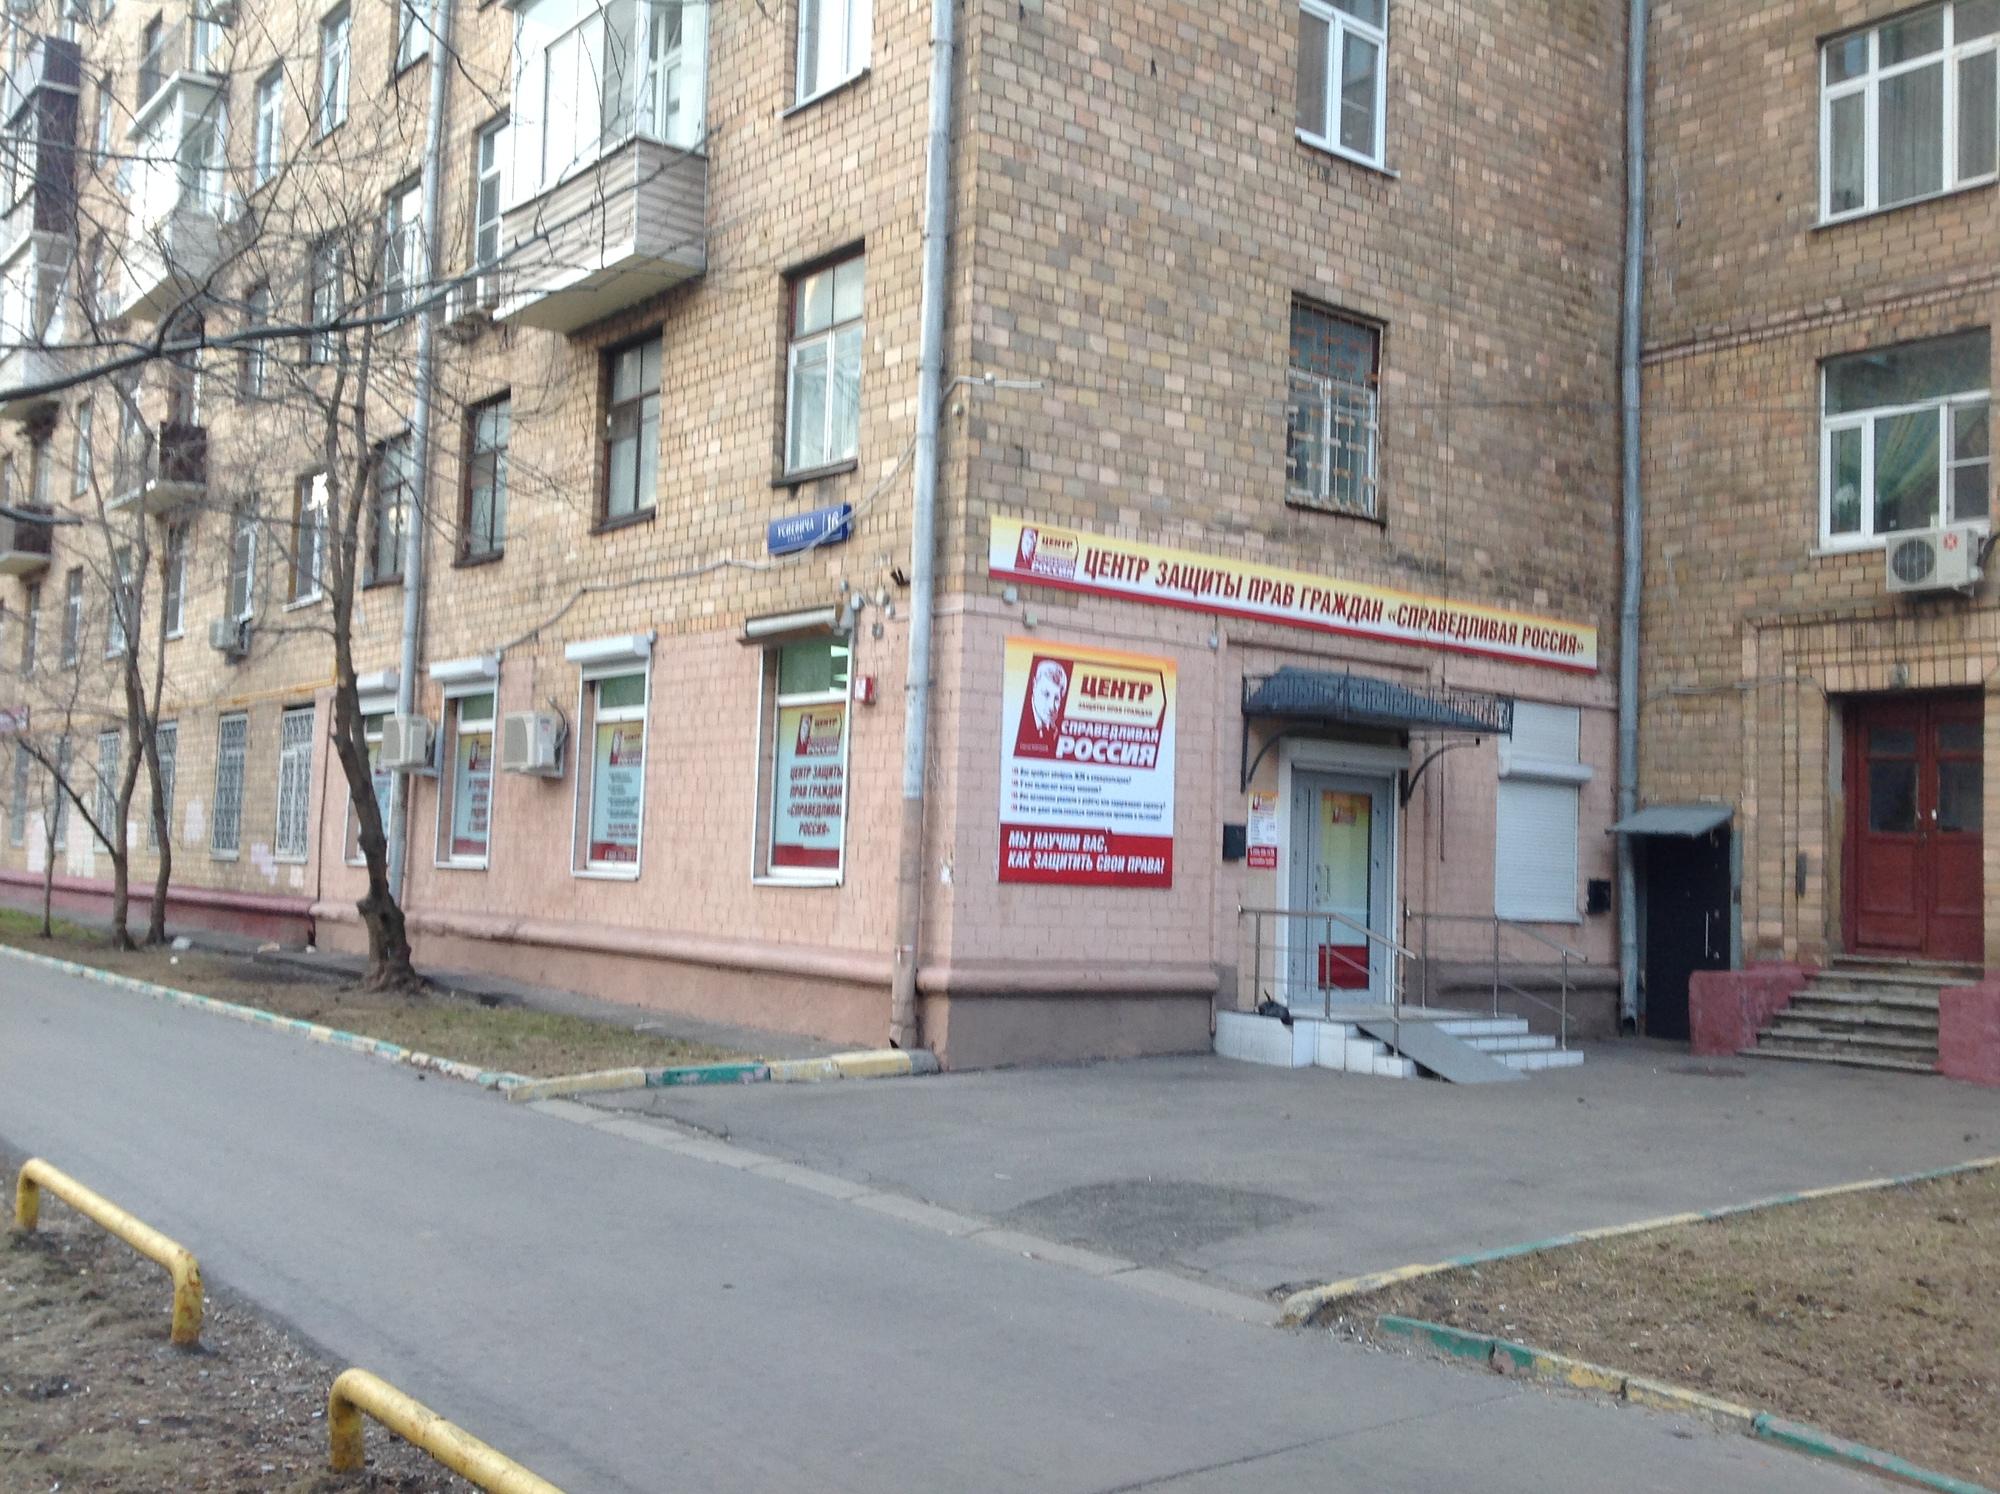 Документы для кредита в москве Архангельский переулок характеристика с места работы в суд купить